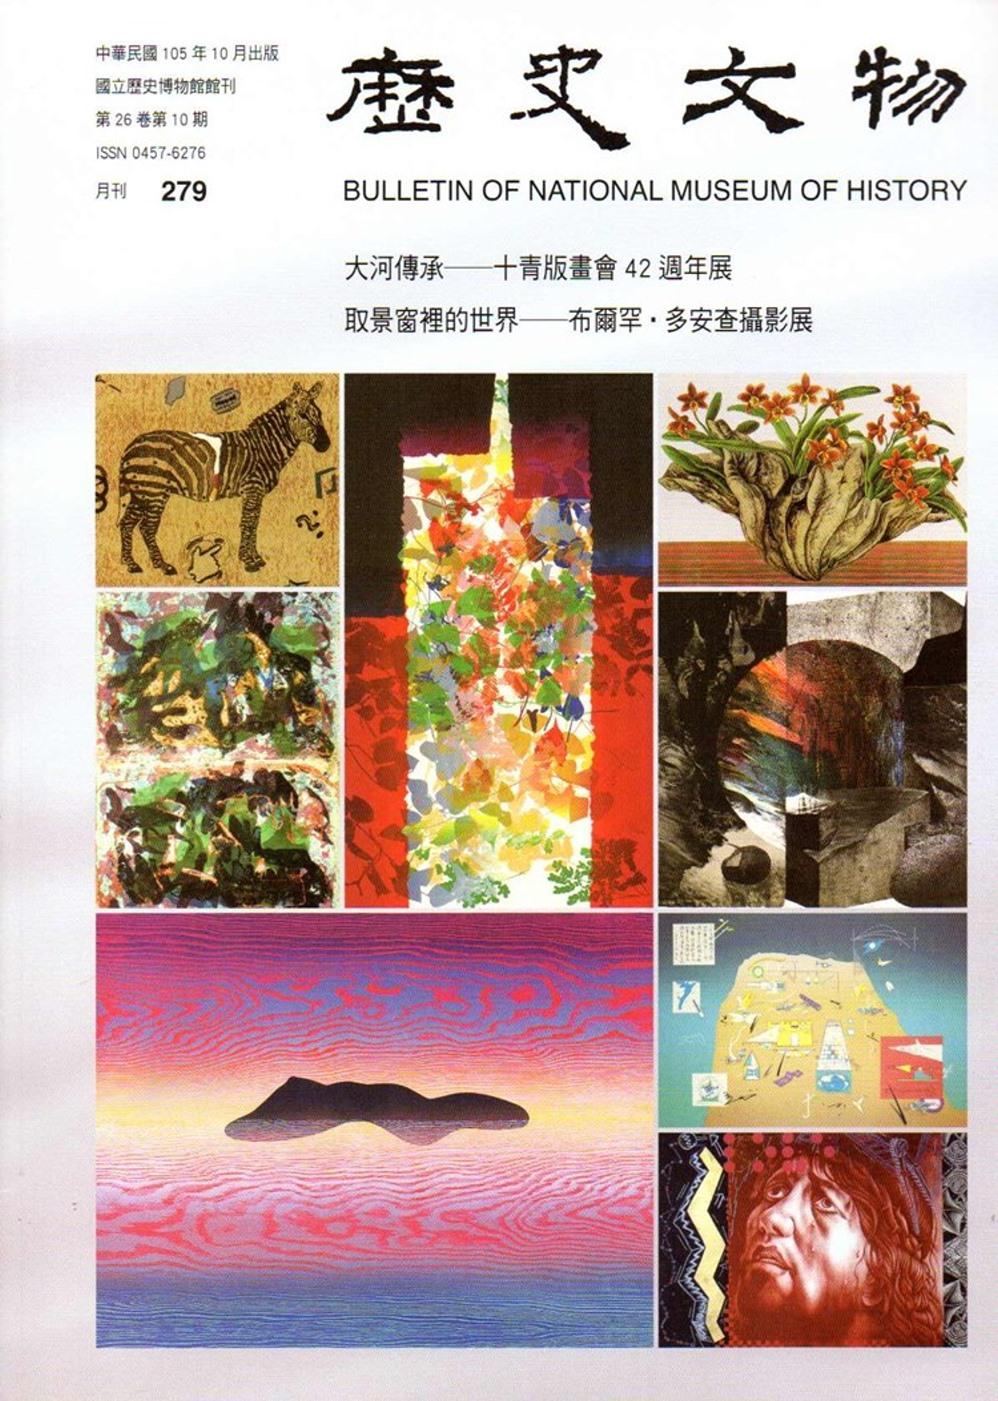 歷史文物月刊第26卷10期^(105 10^)~279